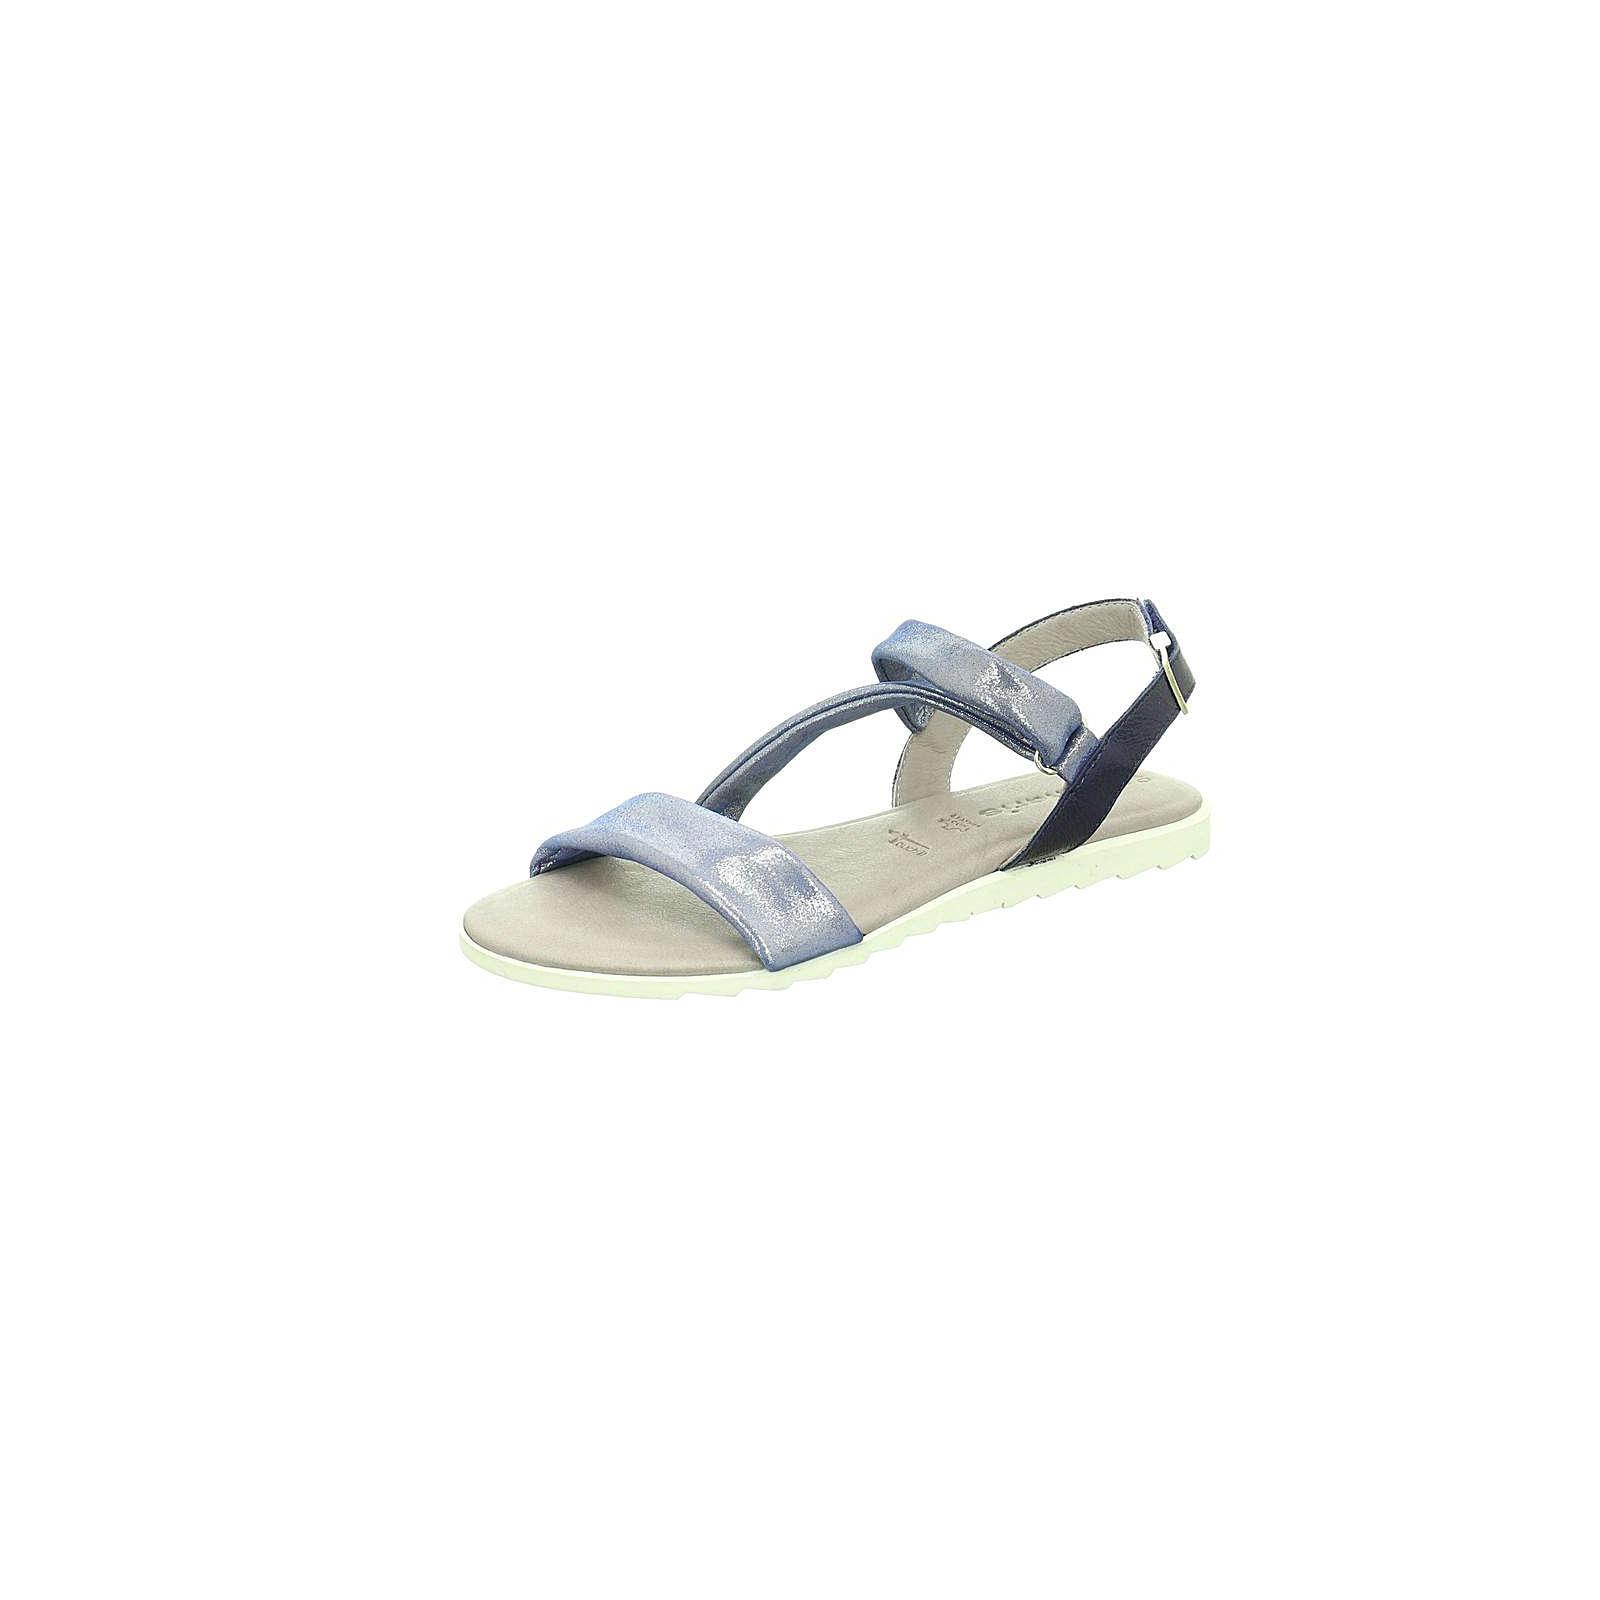 Tamaris Klassische Sandalen blau Damen Gr. 39